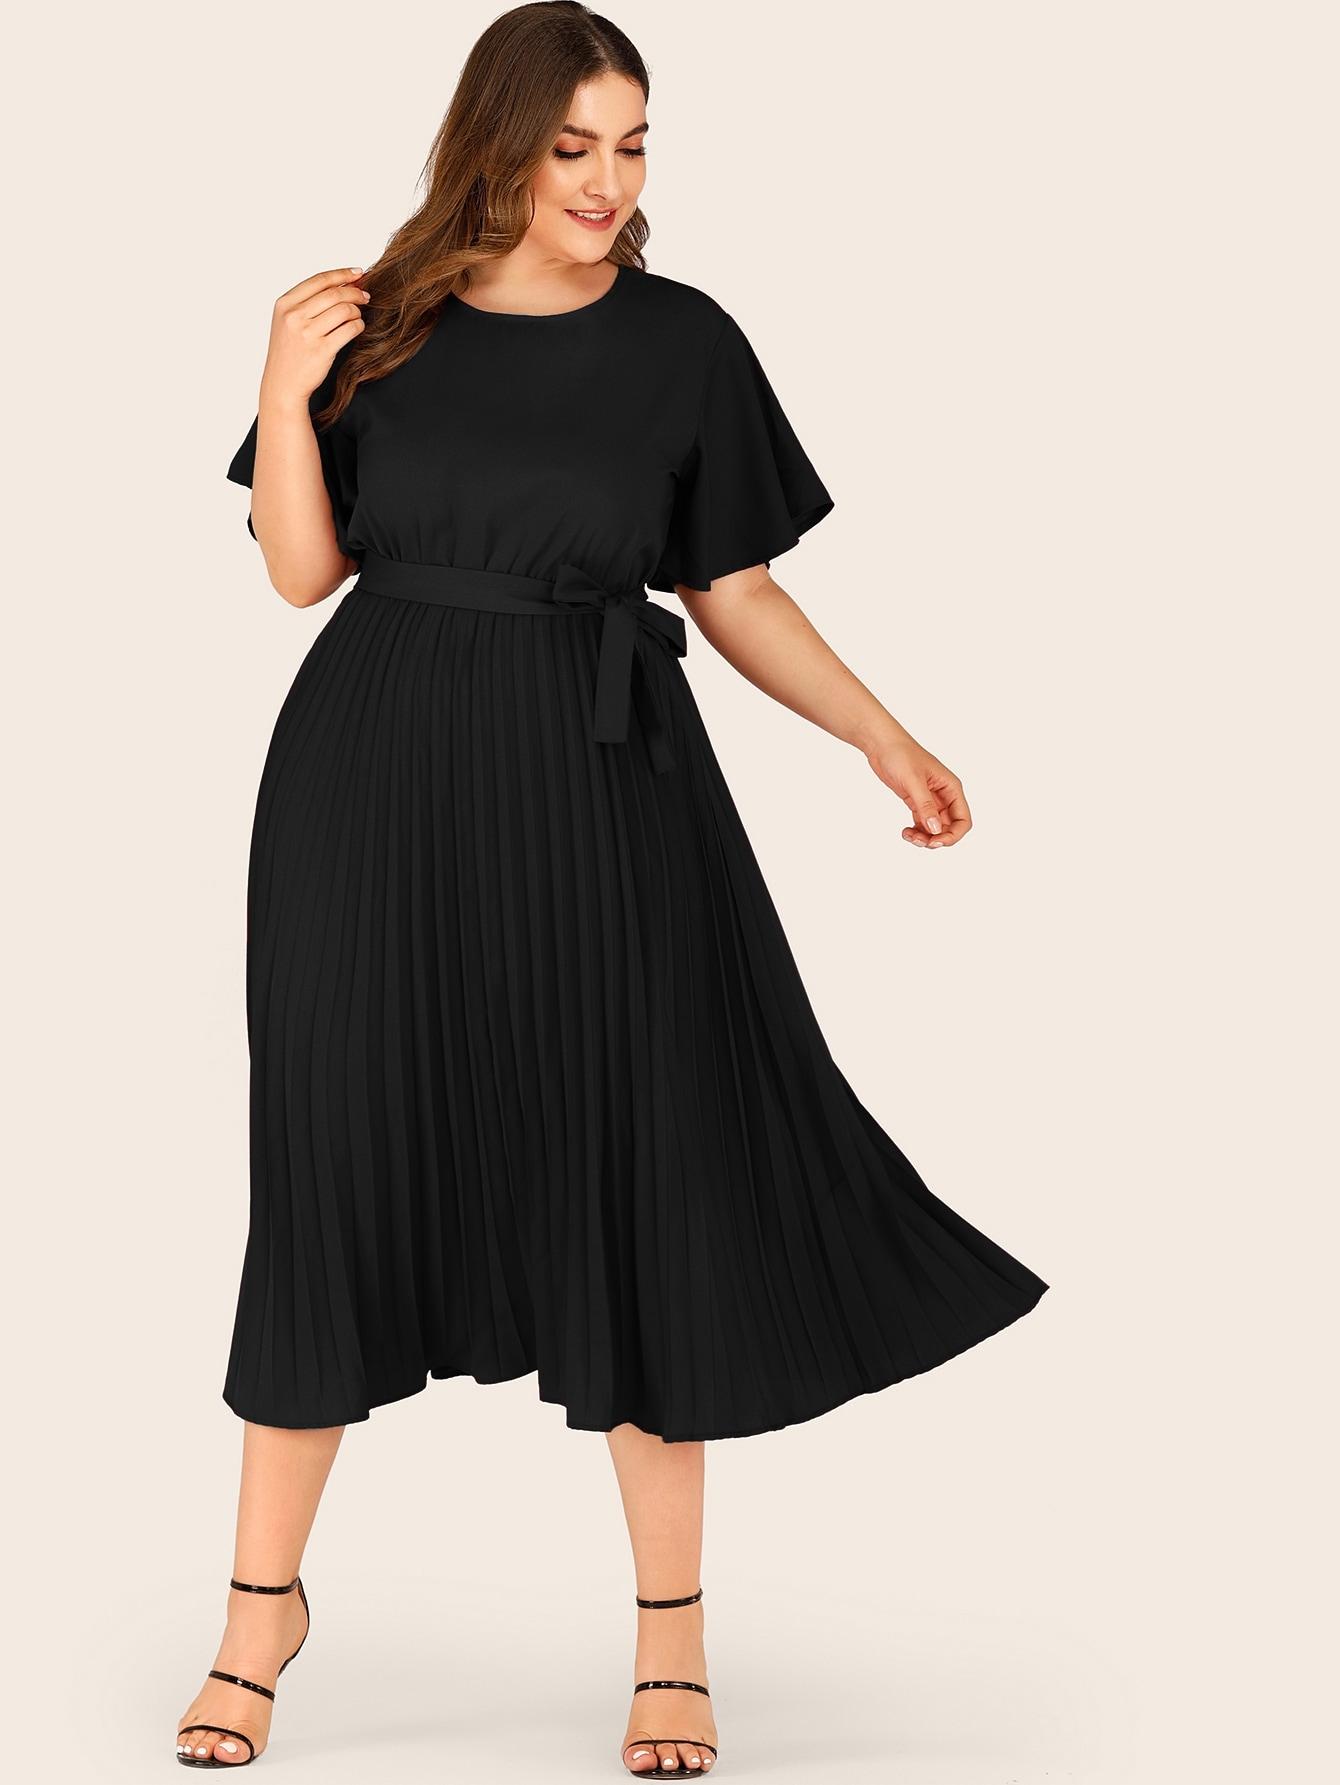 Фото - Платье с поясом и пуговицами размера плюс от SheIn цвет чёрные